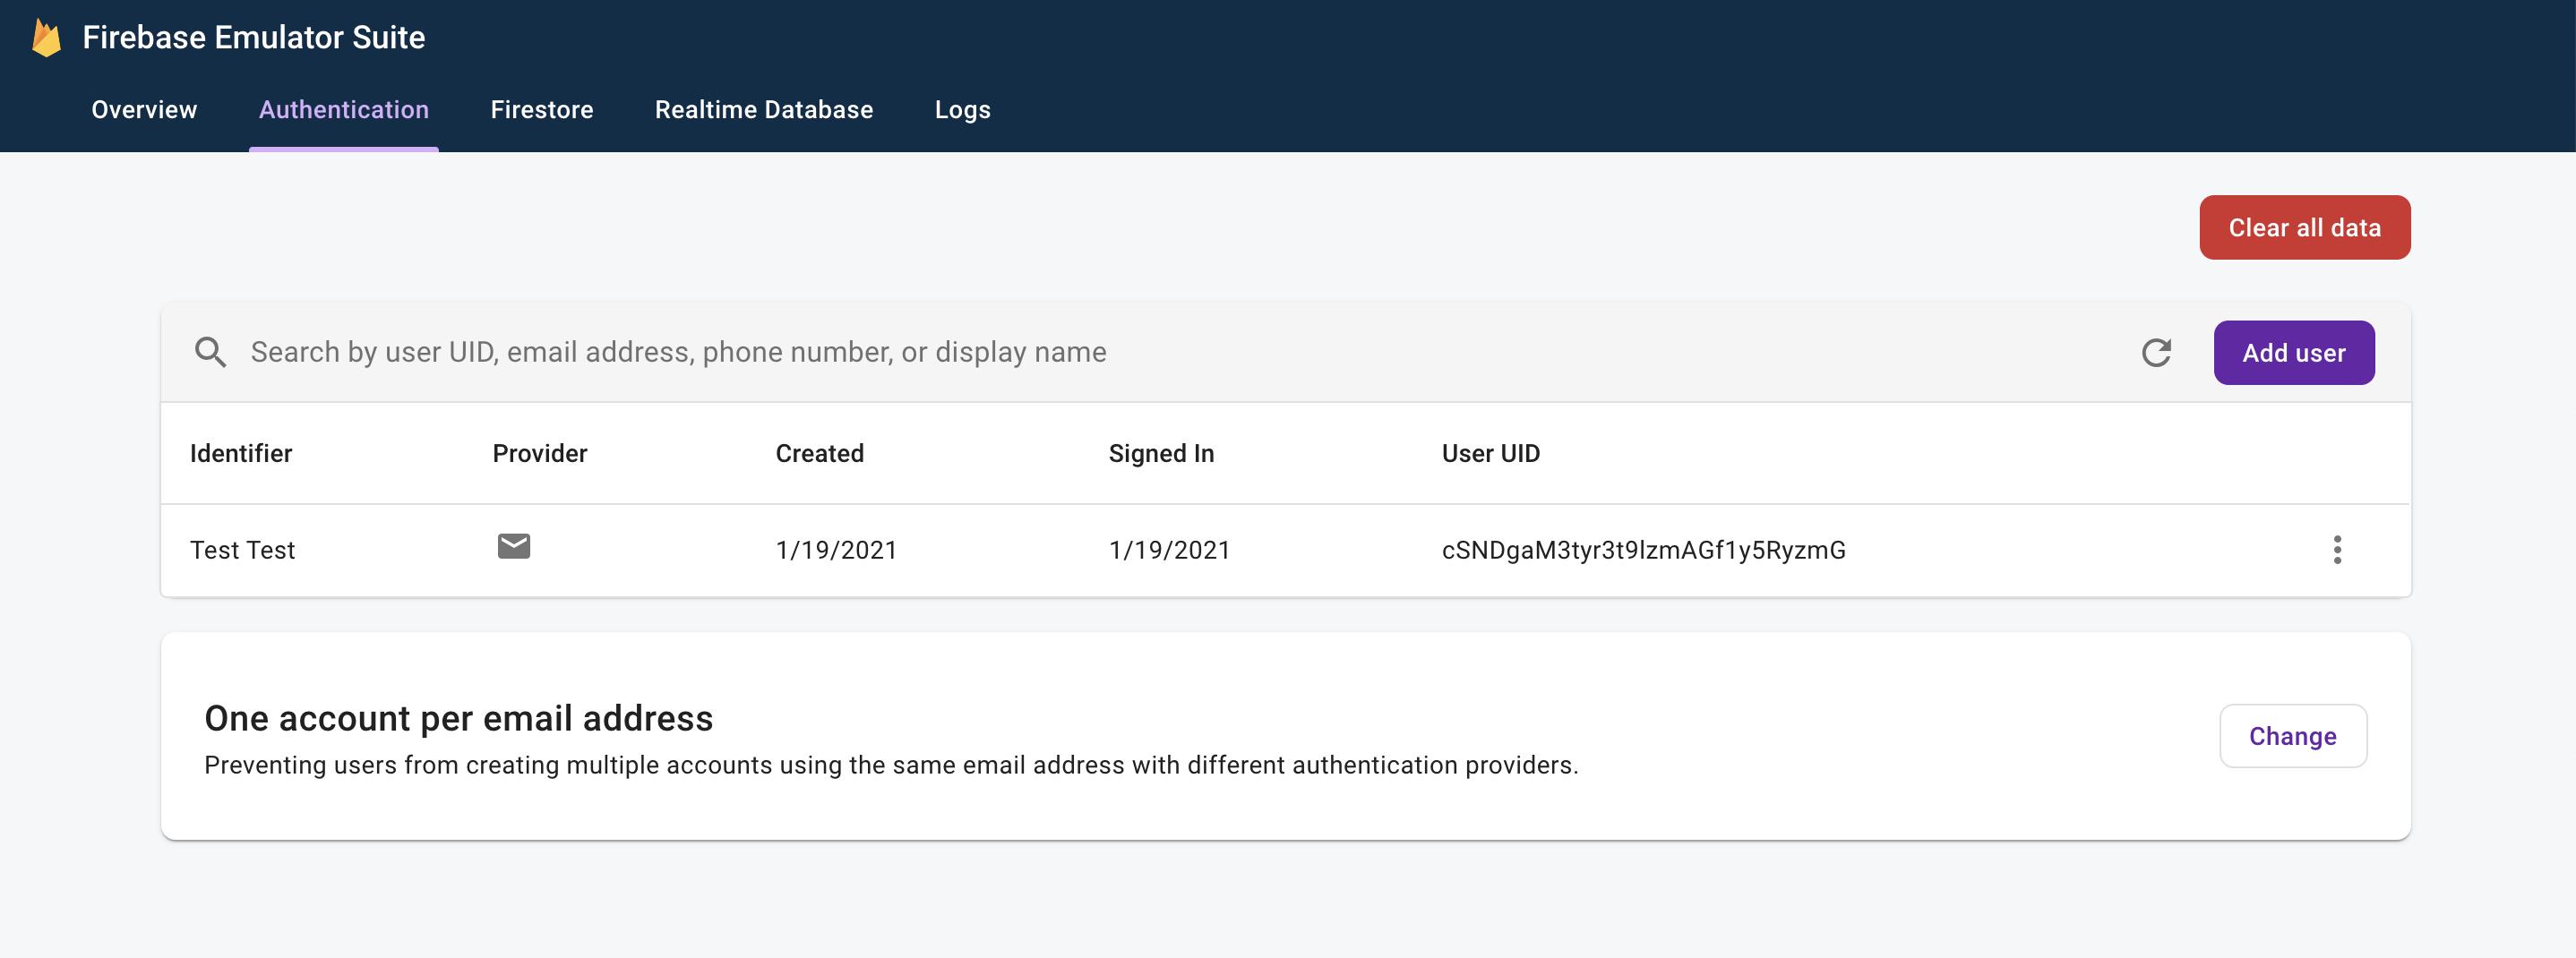 Émulateur d'authentification Firebase